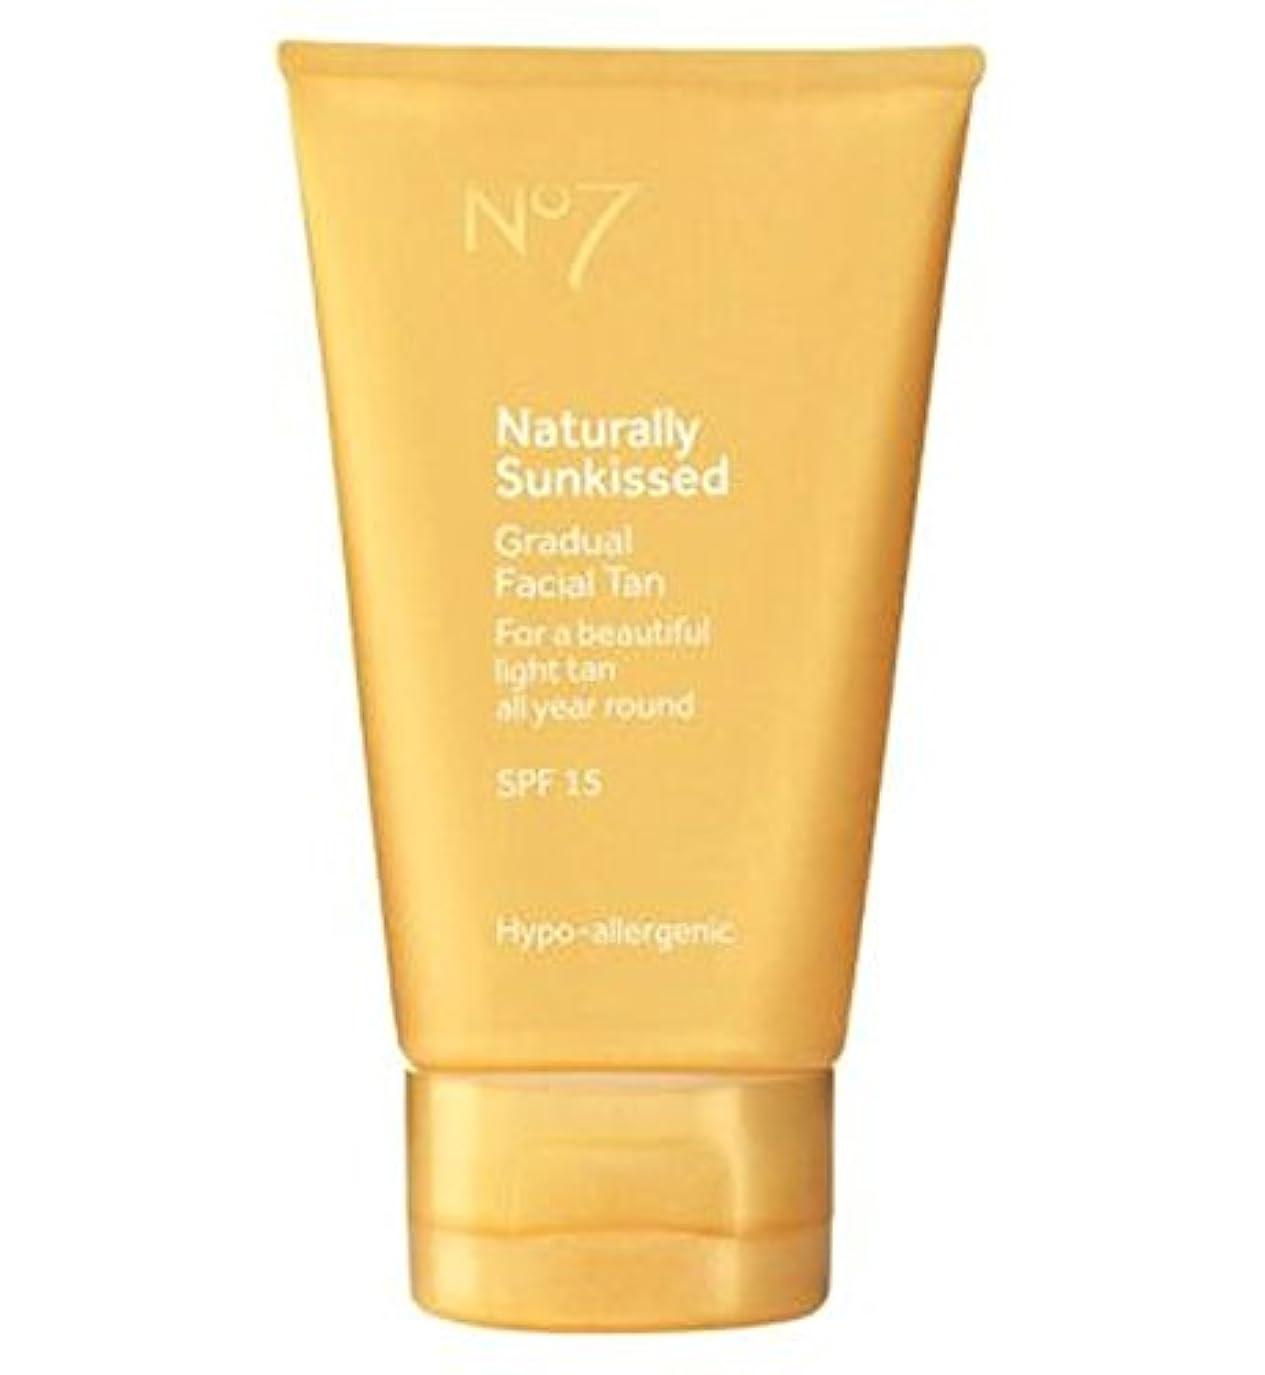 ぼかしちっちゃいチャネルNo7は自然に太陽が緩やかな顔日焼けSp15にキスをしました (No7) (x2) - No7 Naturally Sun Kissed Gradual Face Tan SP15 (Pack of 2) [並行輸入品]